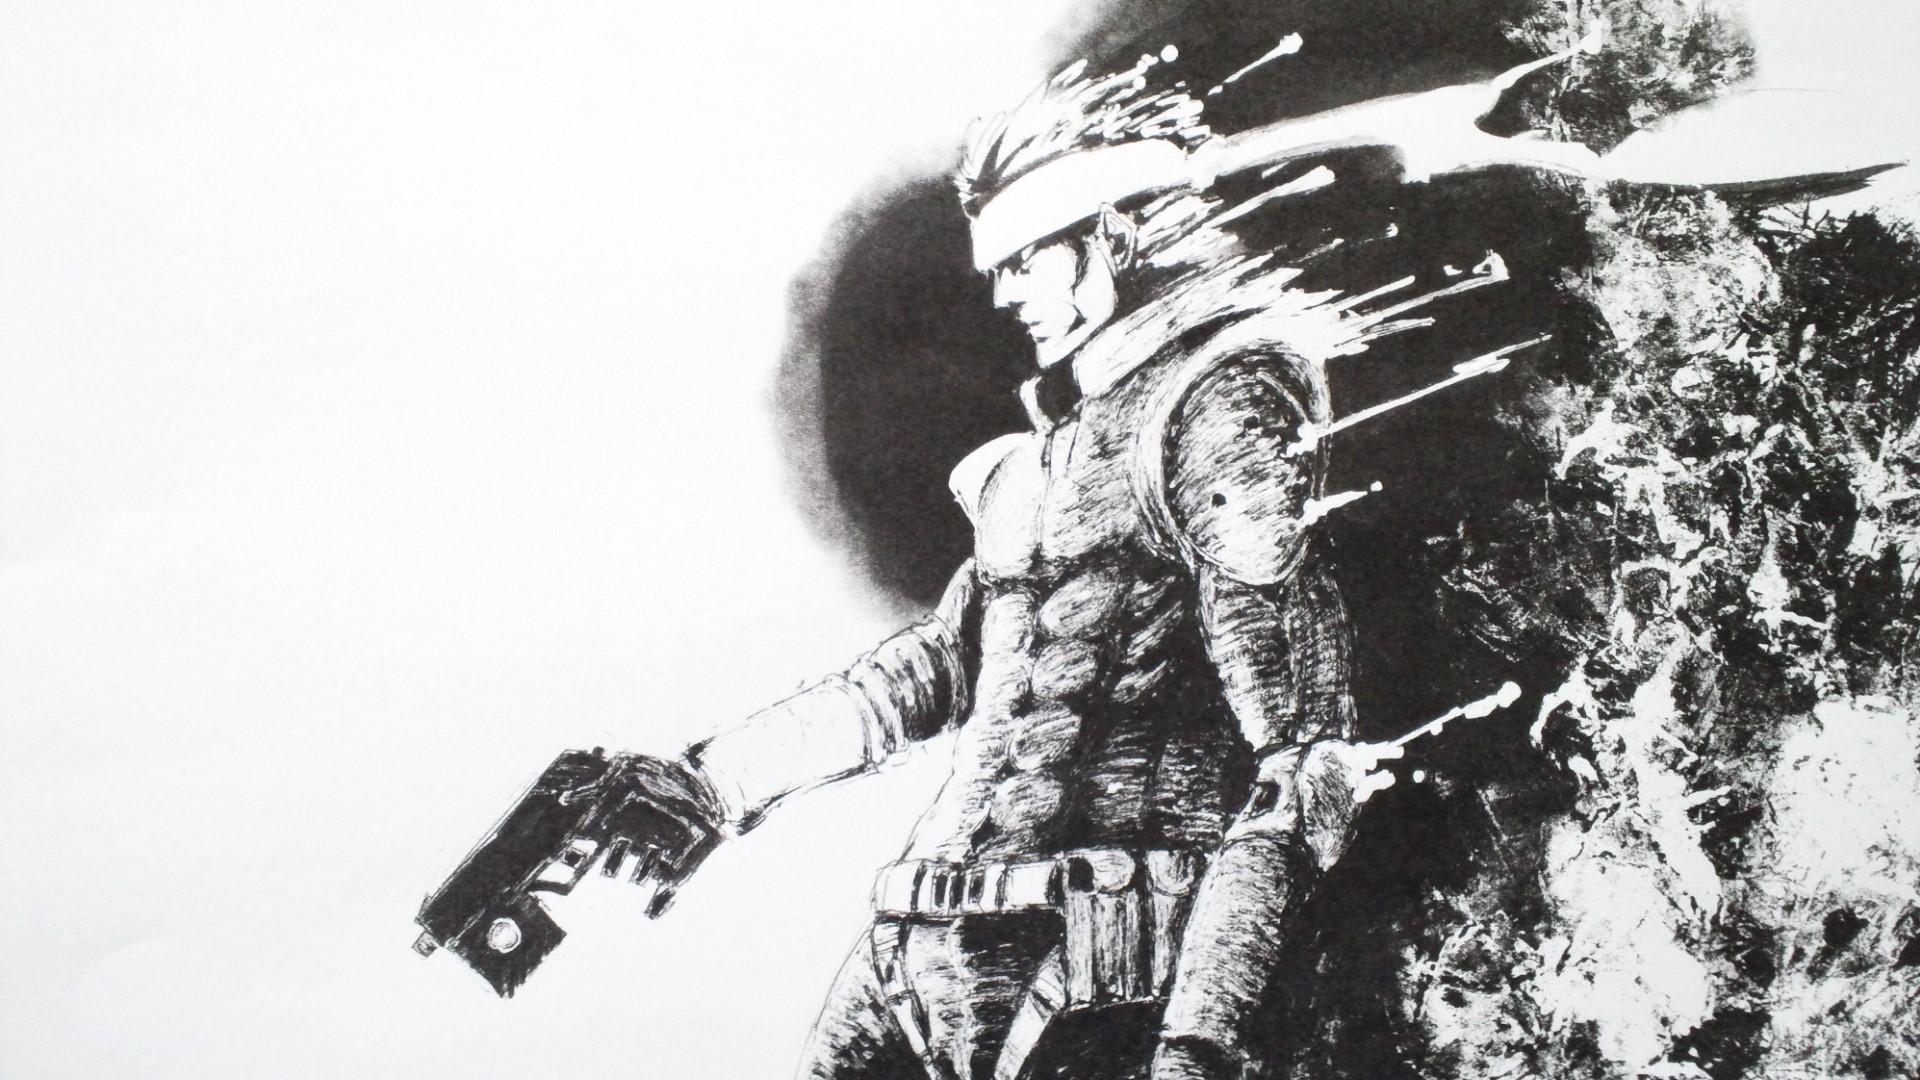 Free Download Metal Gear Solid Solid Snake Hd Wallpaperjpg